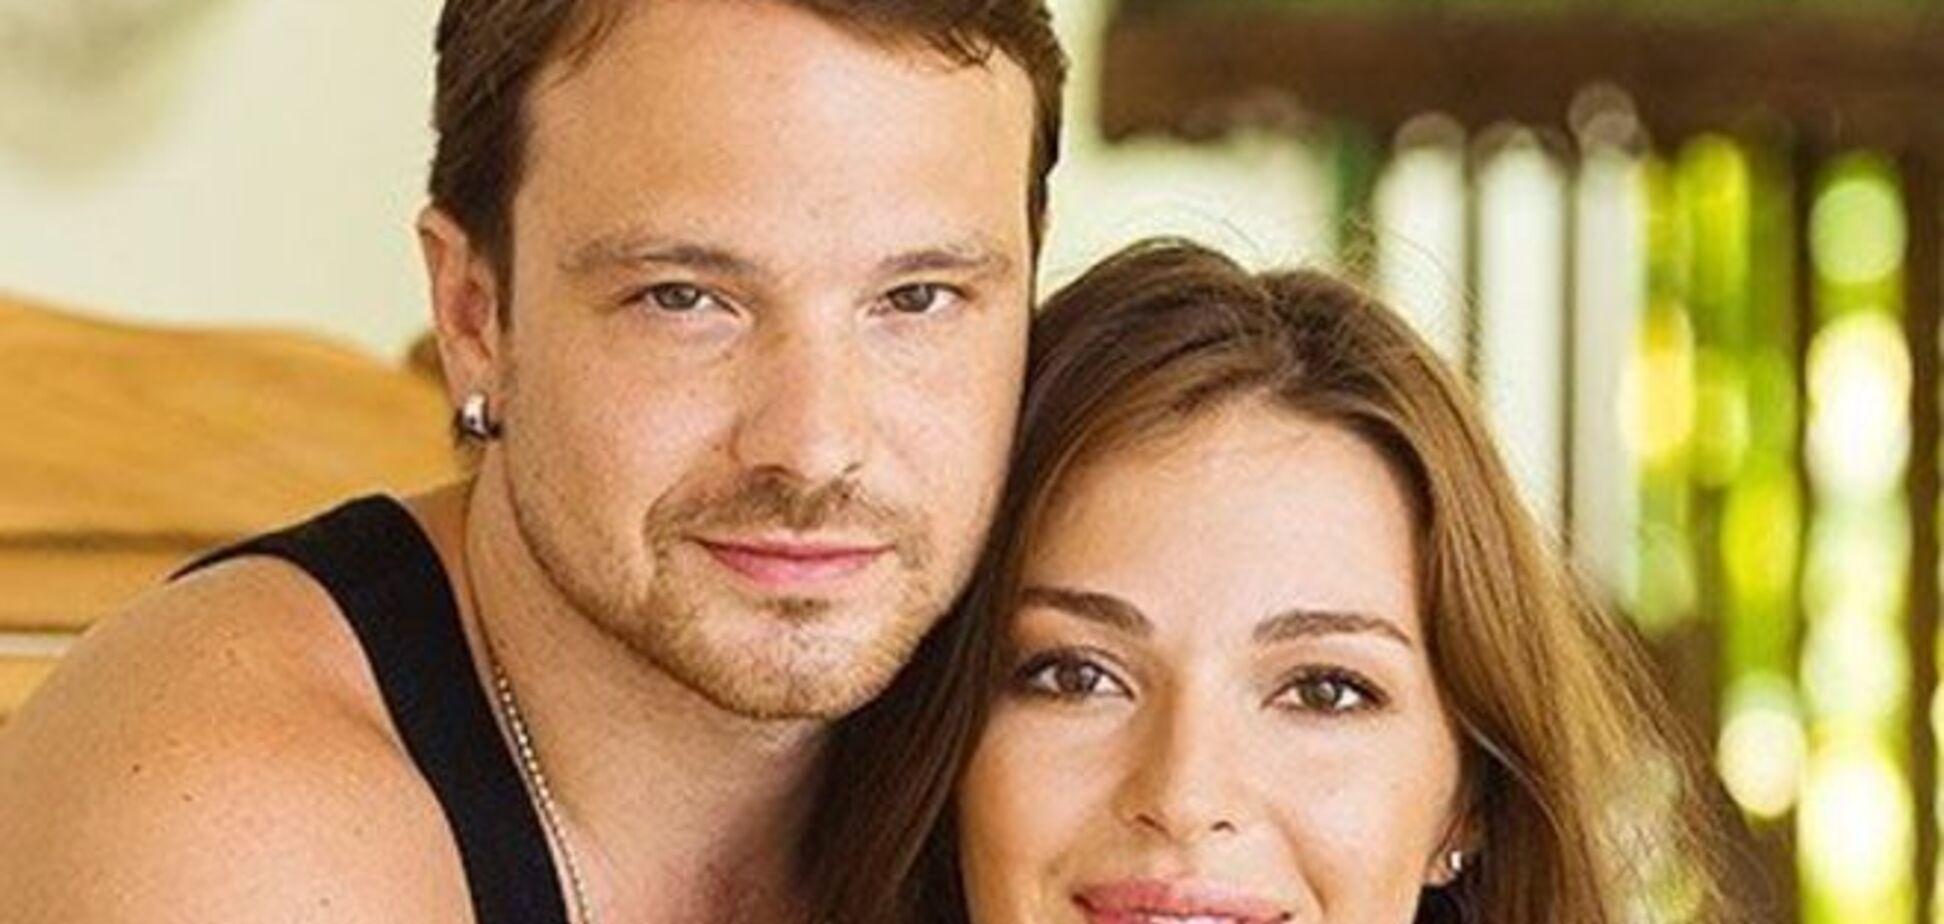 Агния Дитковските и Алексей Чадов отреагировали на слухи о своем расставании